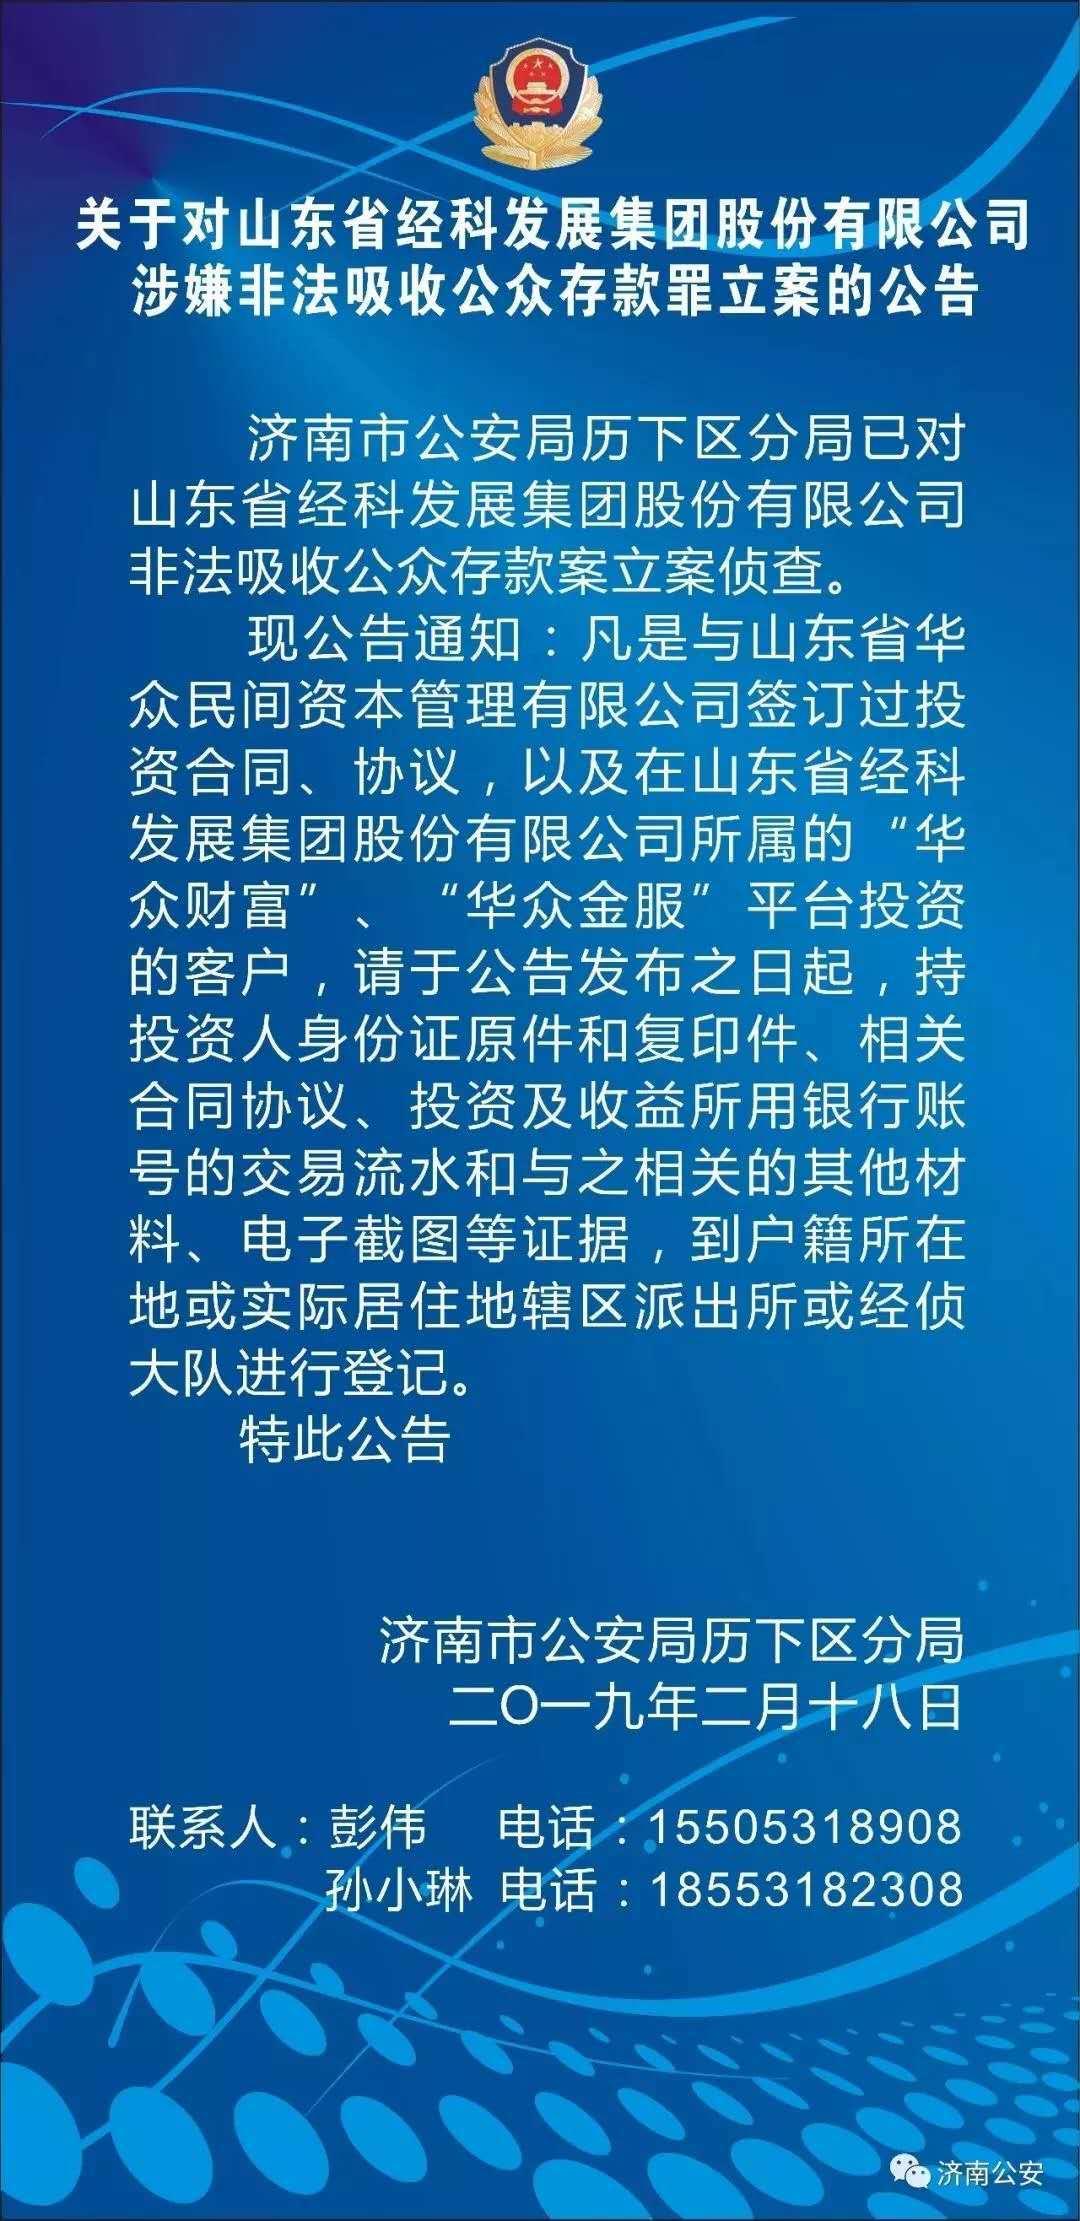 山东省国有控股企业涉非法吸存 官方回应企业